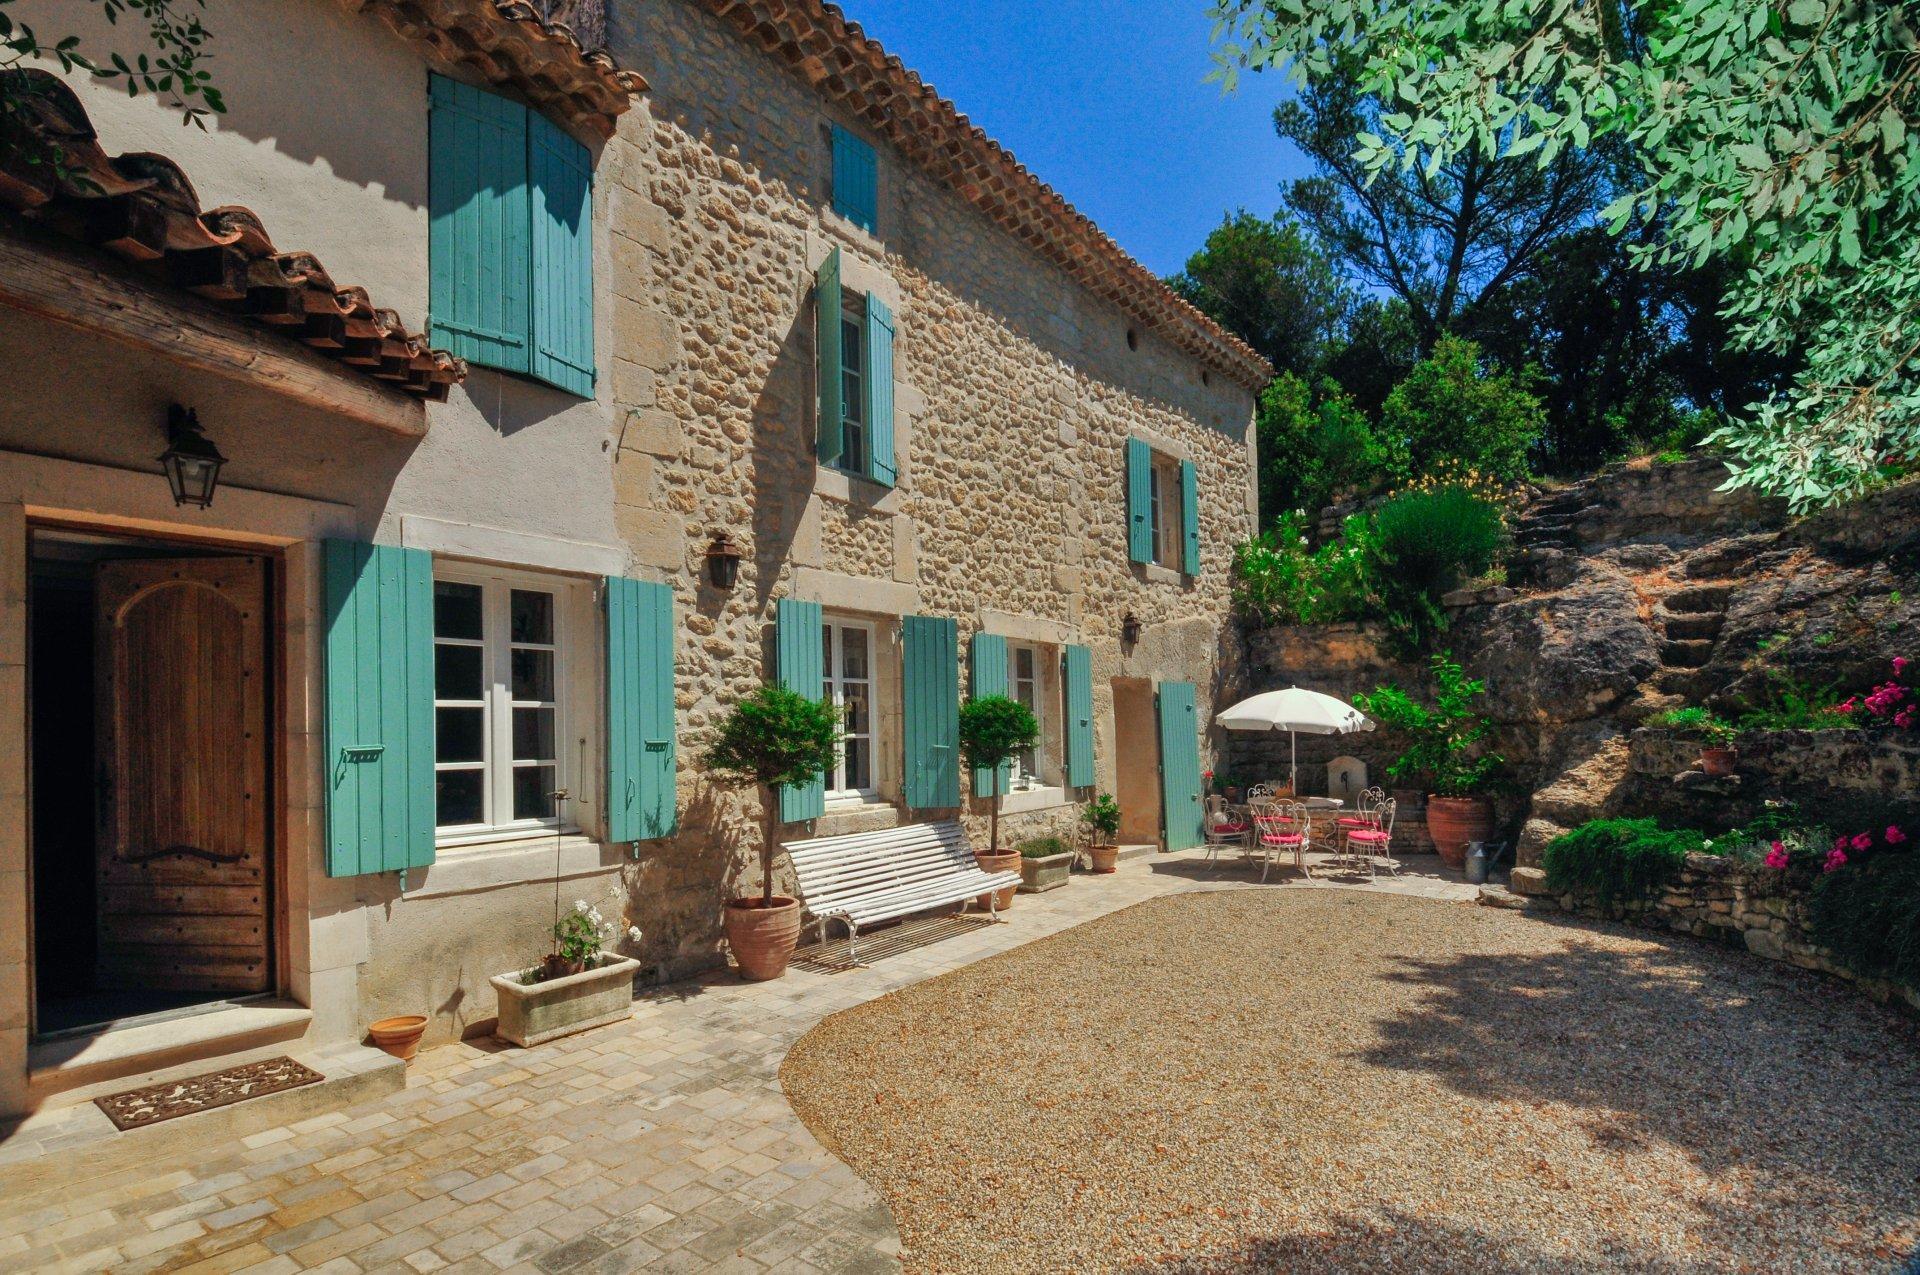 Villa exterior and patio, Bastide St Restitut, Provence, St Restitut.